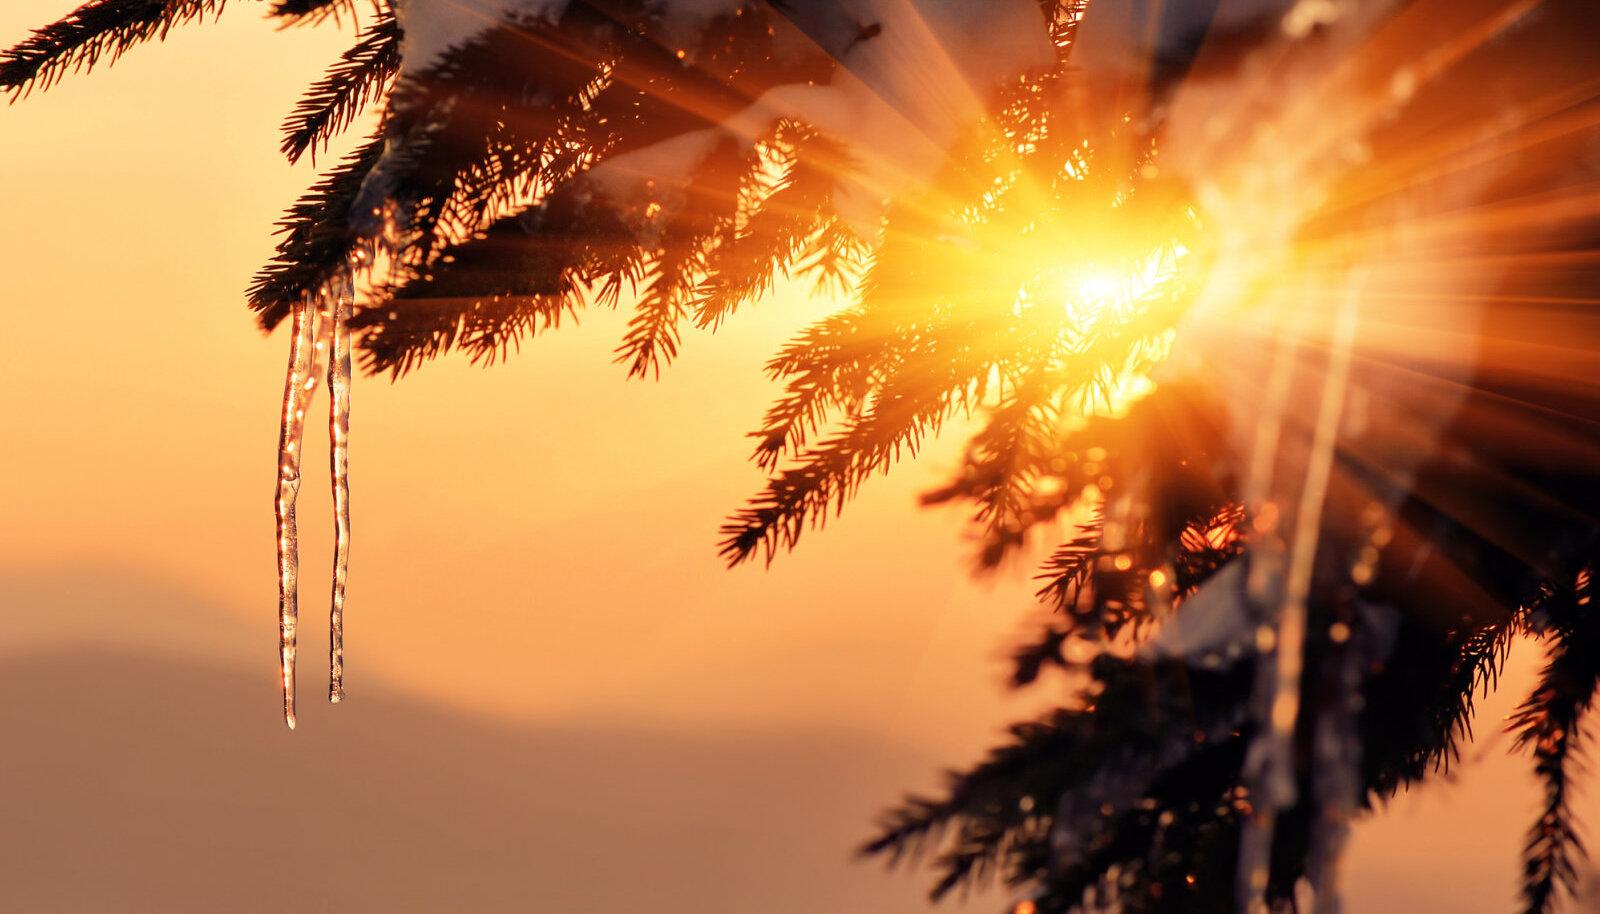 On talihari ehk kesktalvepäev, jõuluemapäev, tsiapäiv, sianäü pühä, tõnisepäev, tõniksepäev, tennüs- ja tinnüspää